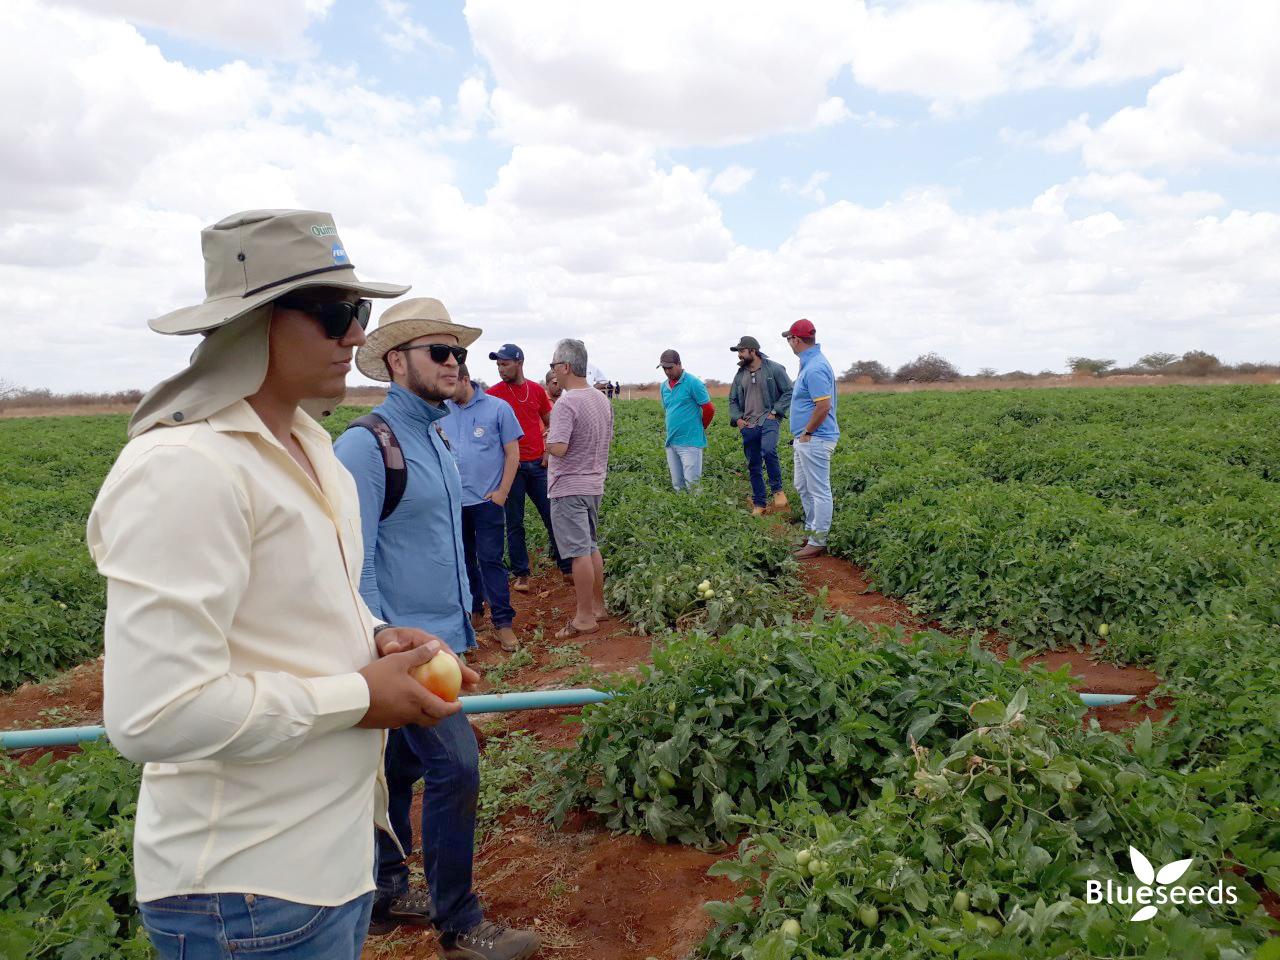 representantes-tecnicos-blueseeds-na-plantacao-de-tomate